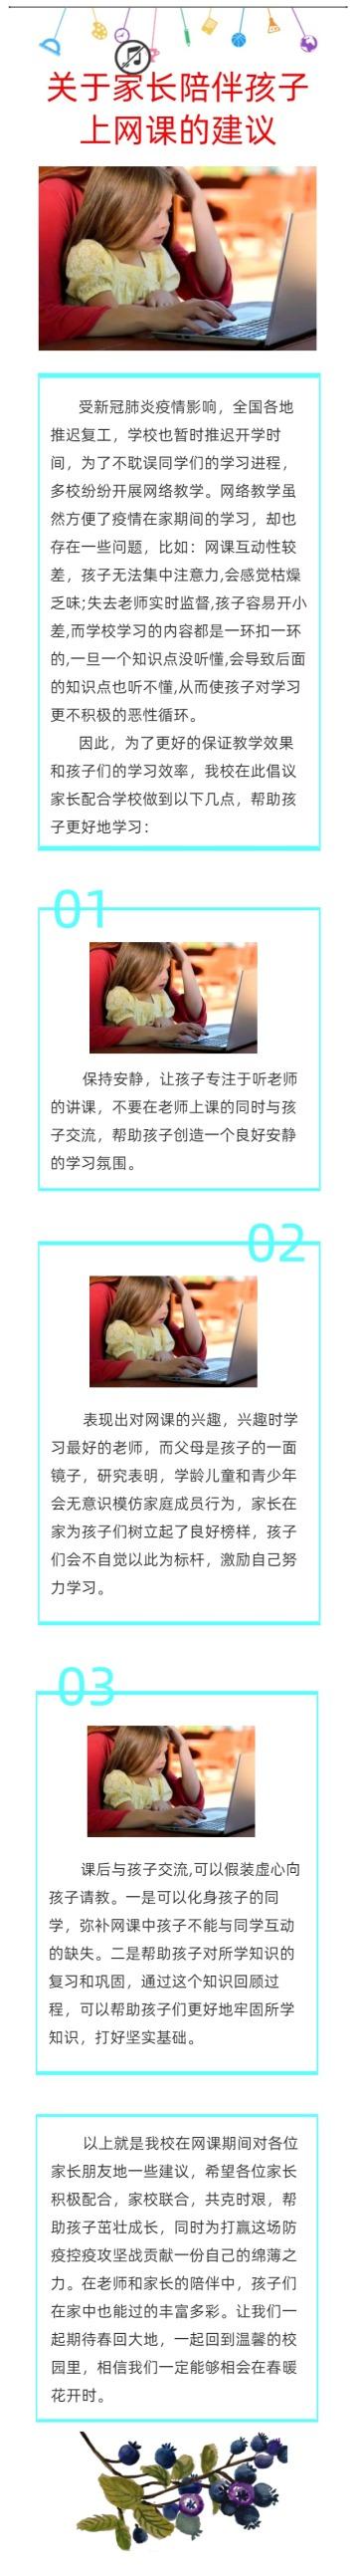 关于家长陪伴孩子上网课的建议